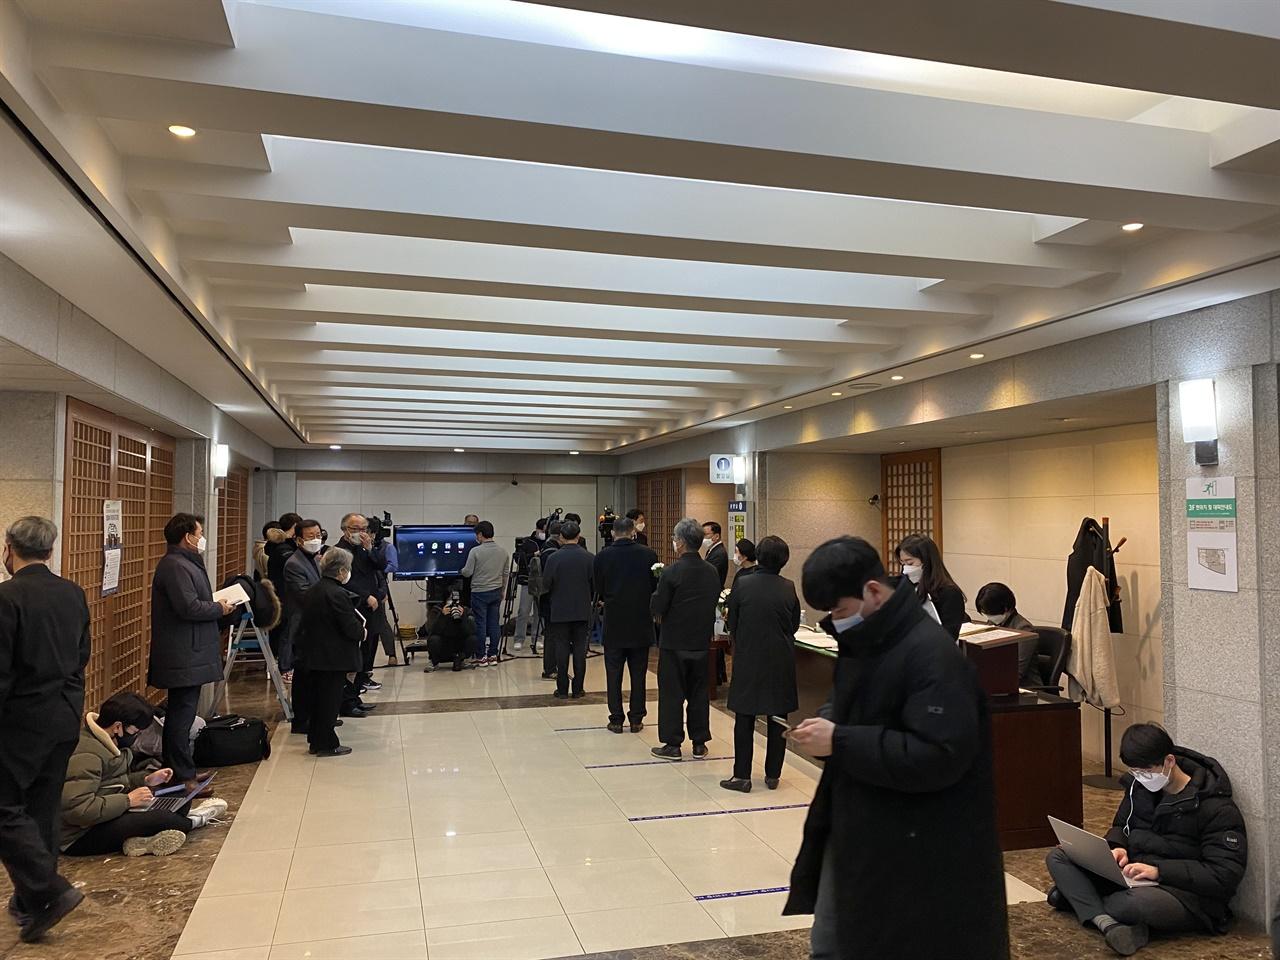 백기완 소장의 빈소 3층 특1호실 앞 로비에는 조문 온 시민들과 정계인사들, 기자들이 지키고 있었다.